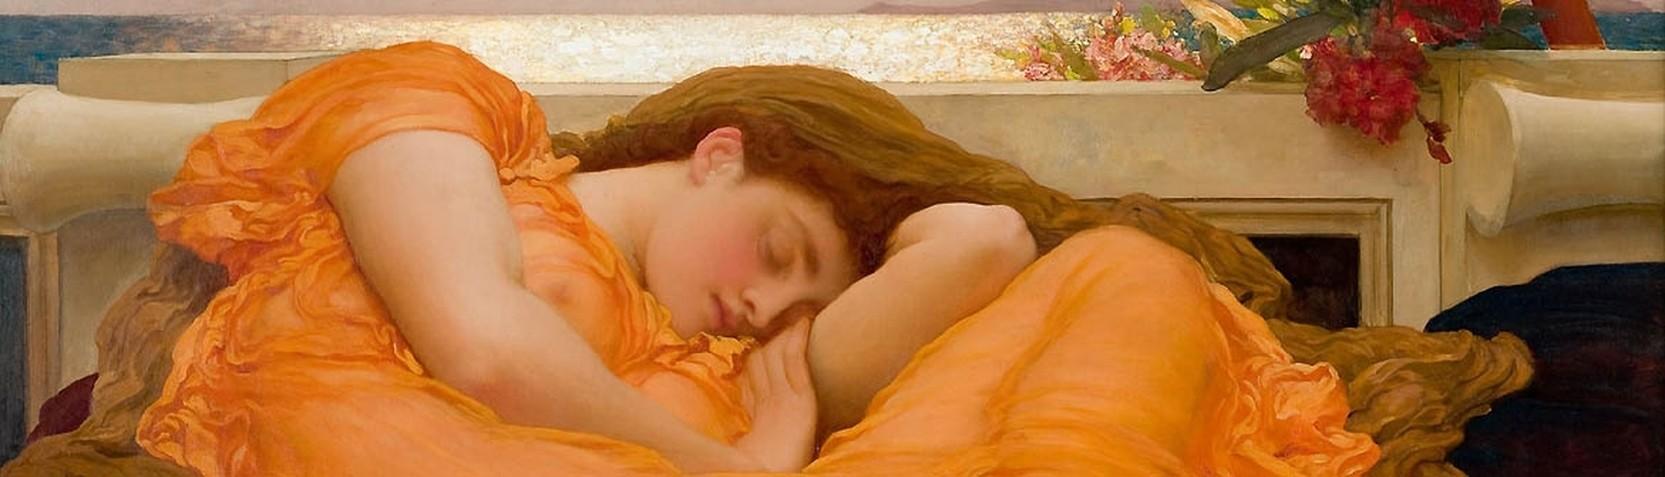 Artisti - Frederic Leighton